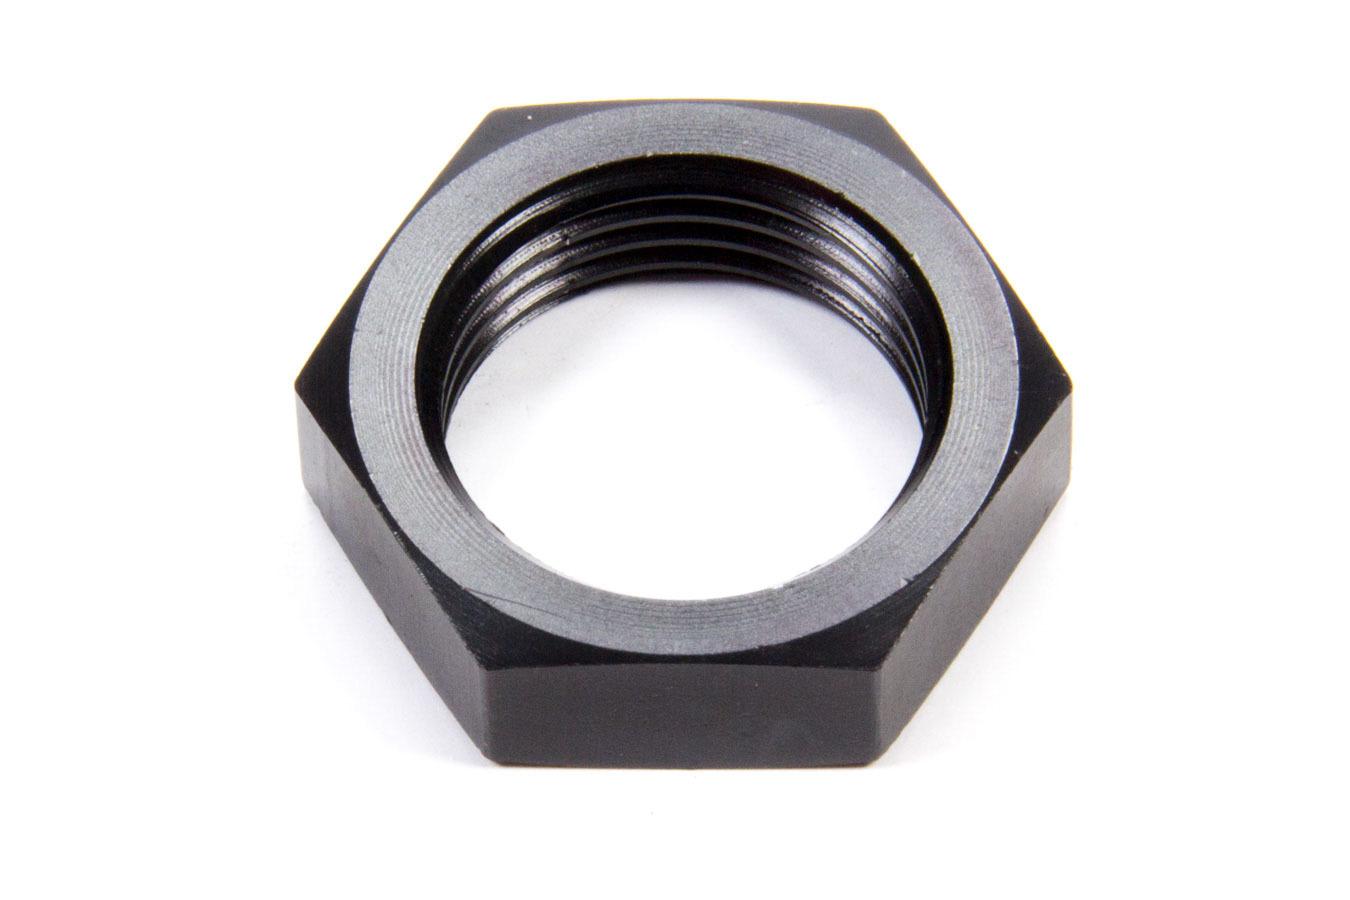 Aeroquip Alum #12 Locknut Black